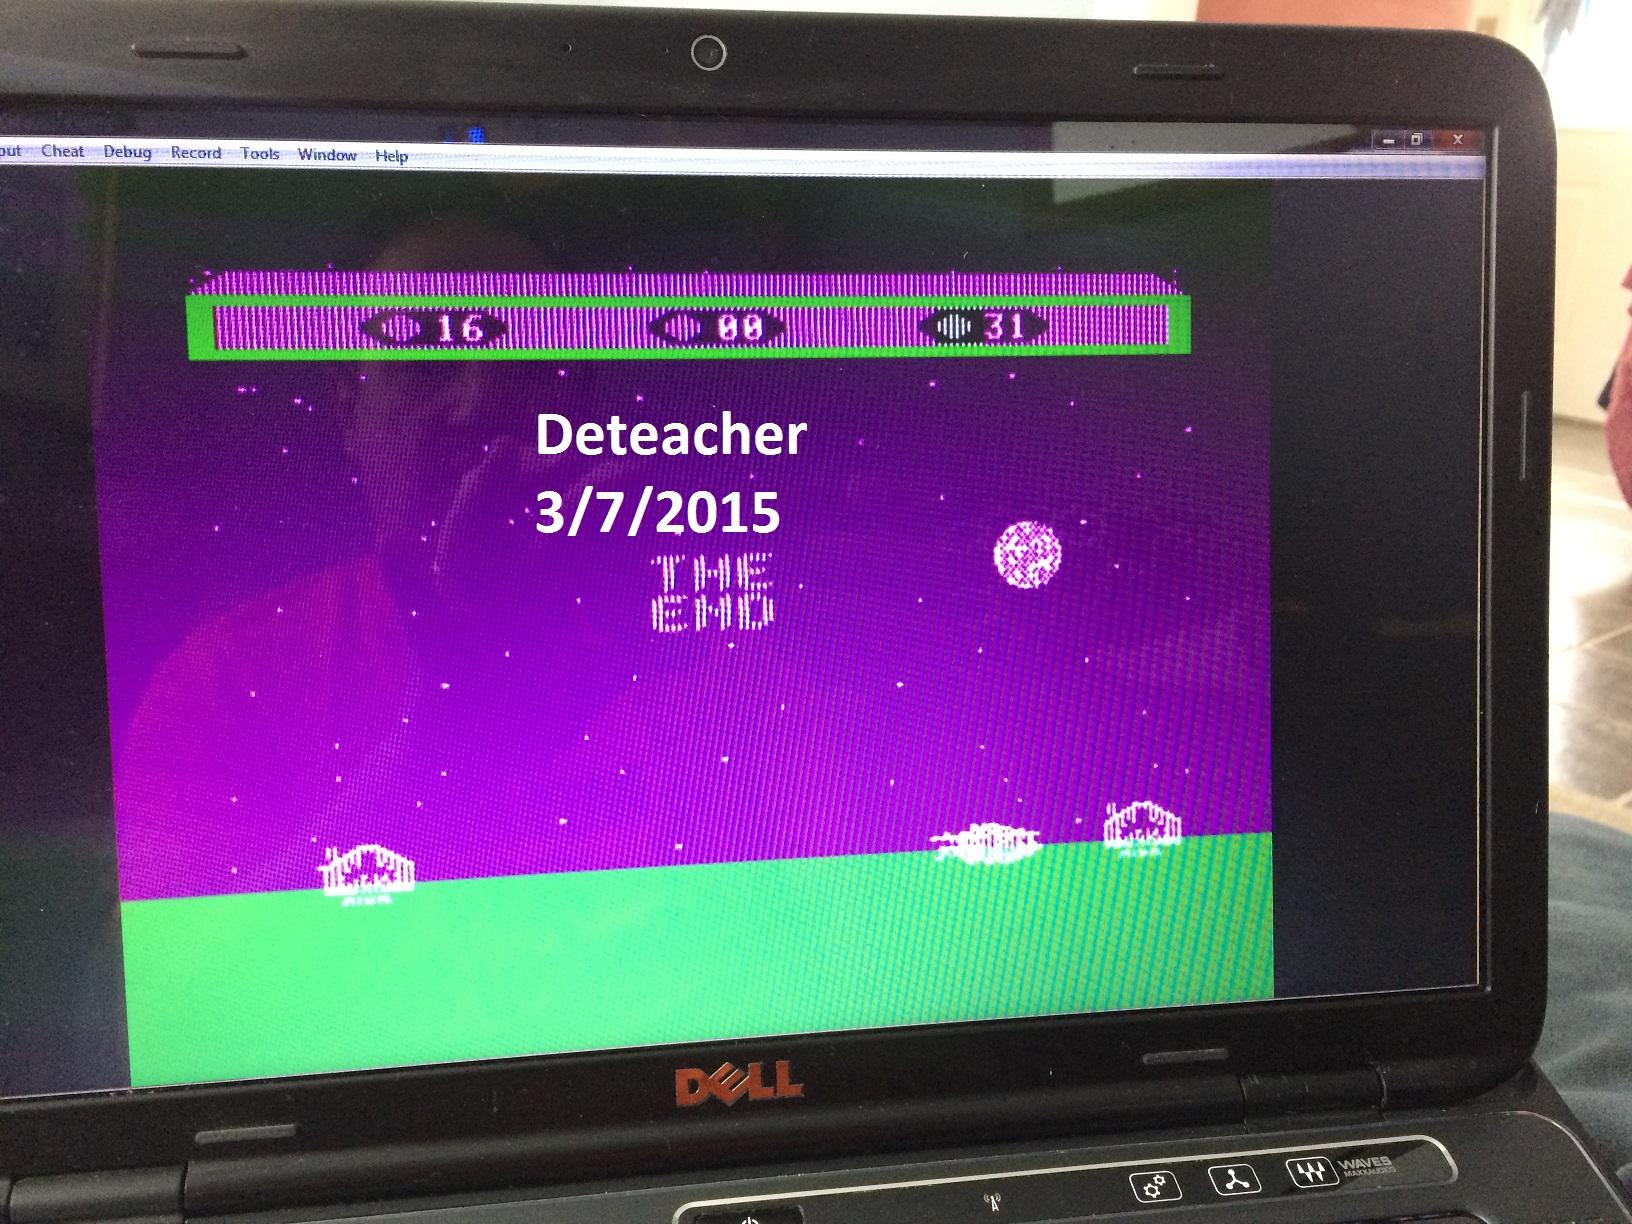 Deteacher: Choplifter (Atari 400/800/XL/XE Emulated) 31 points on 2015-03-07 12:16:58